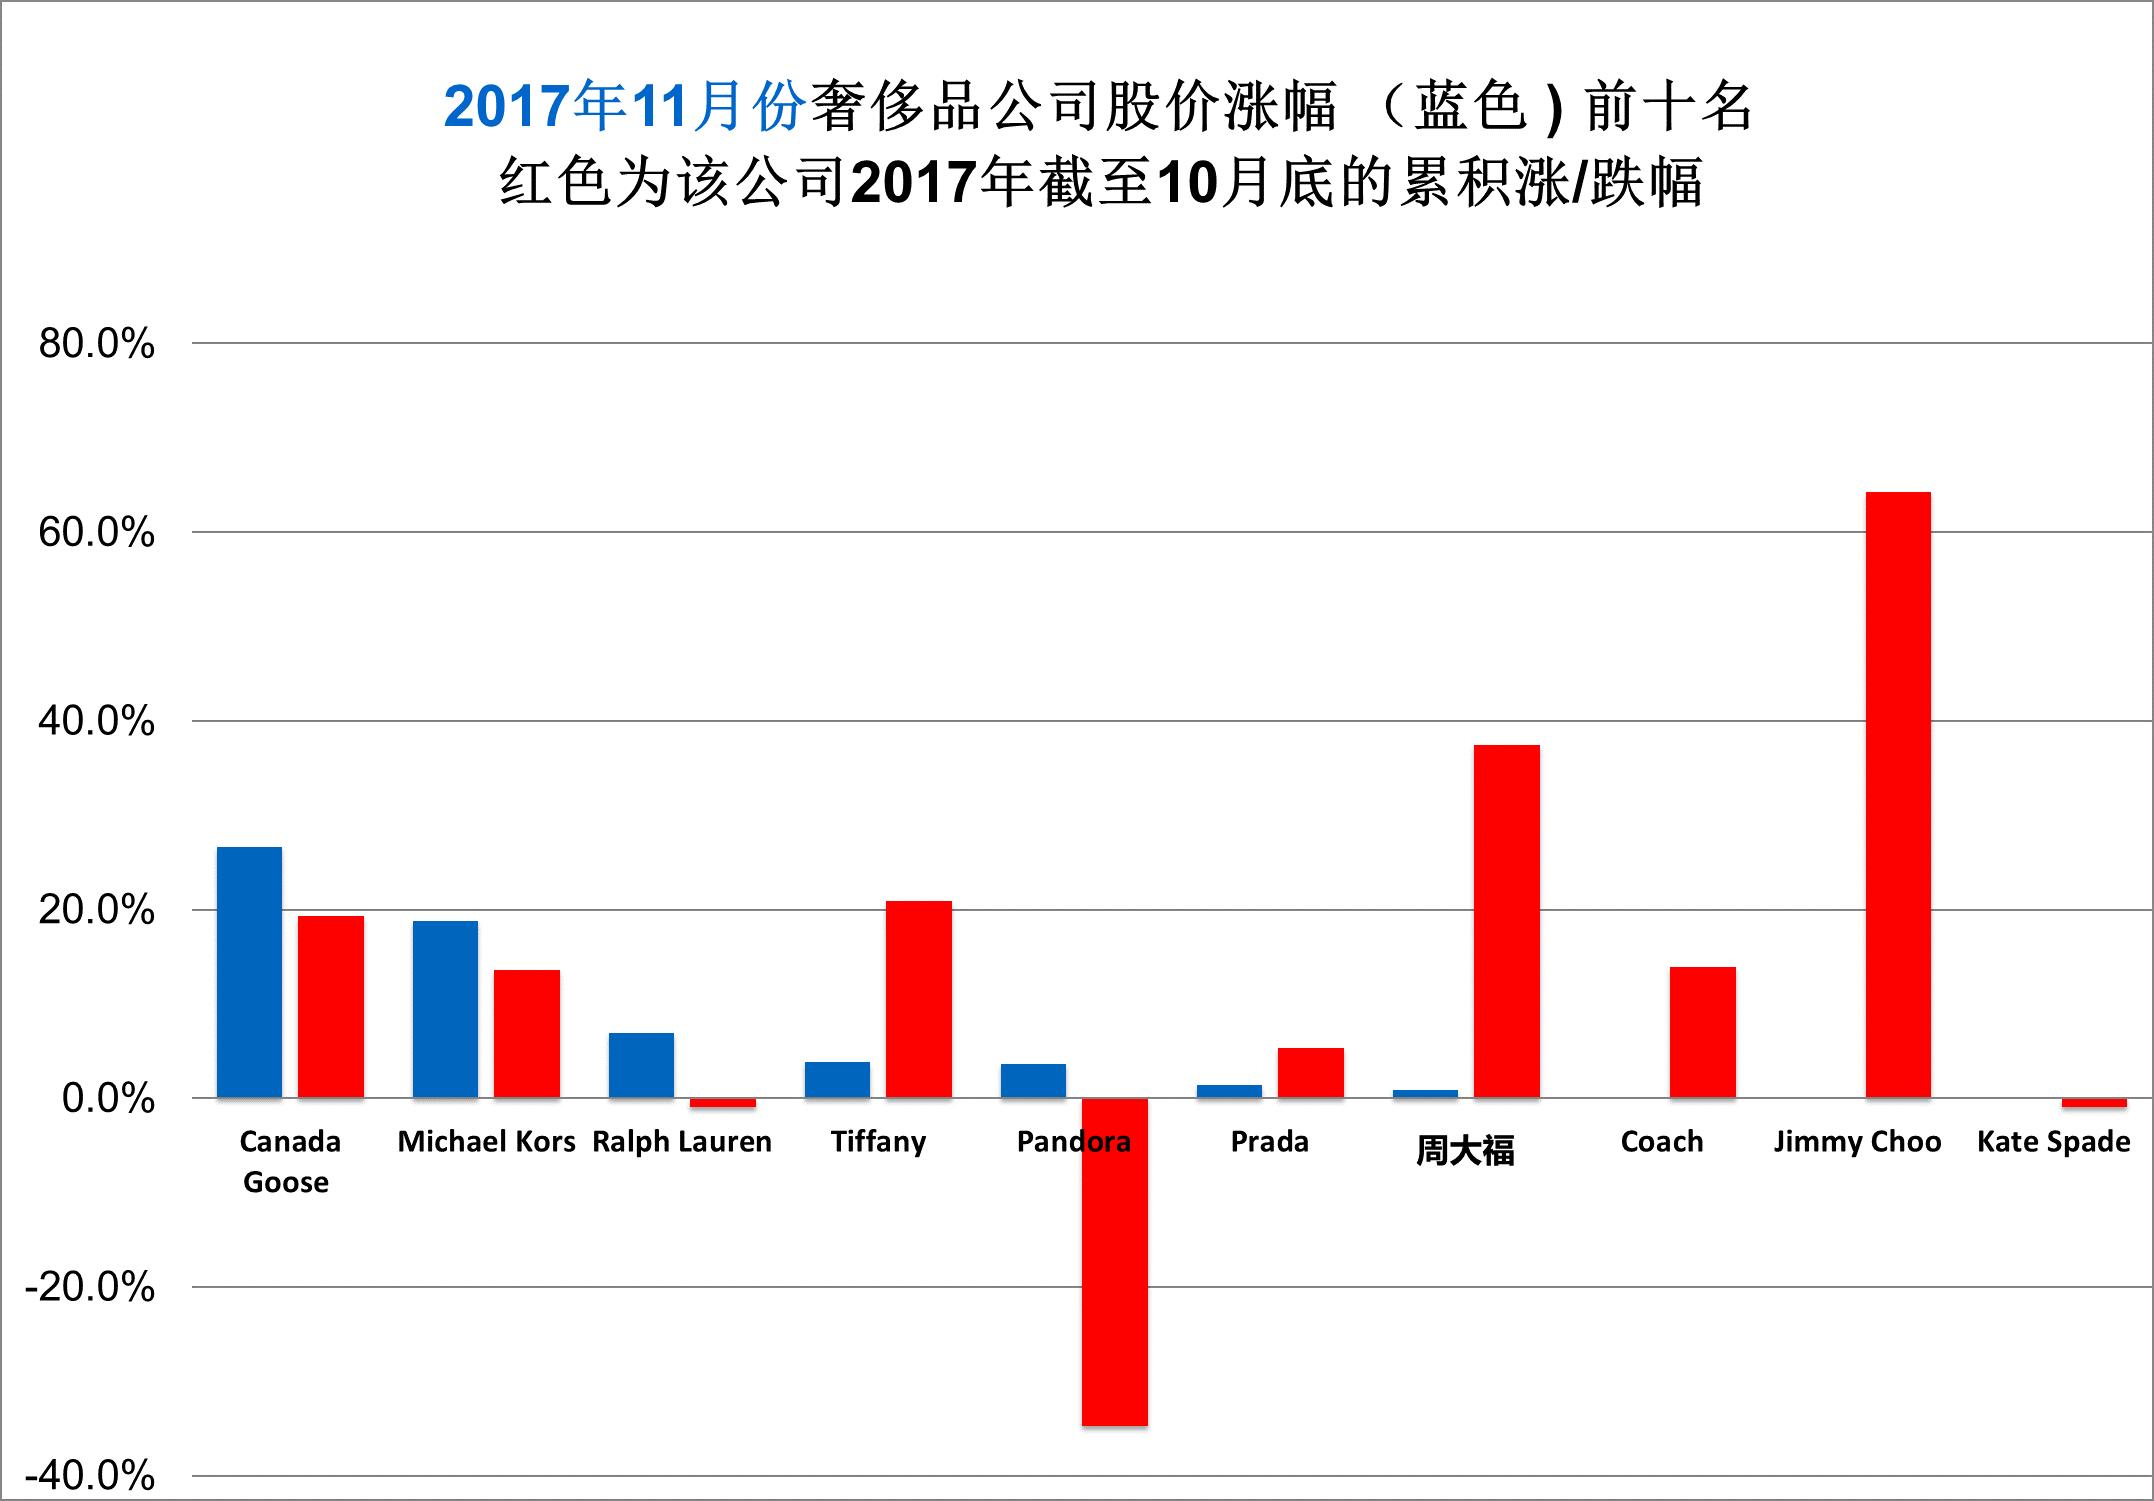 《华丽志》奢侈品股票月度排行榜(2017年11月)